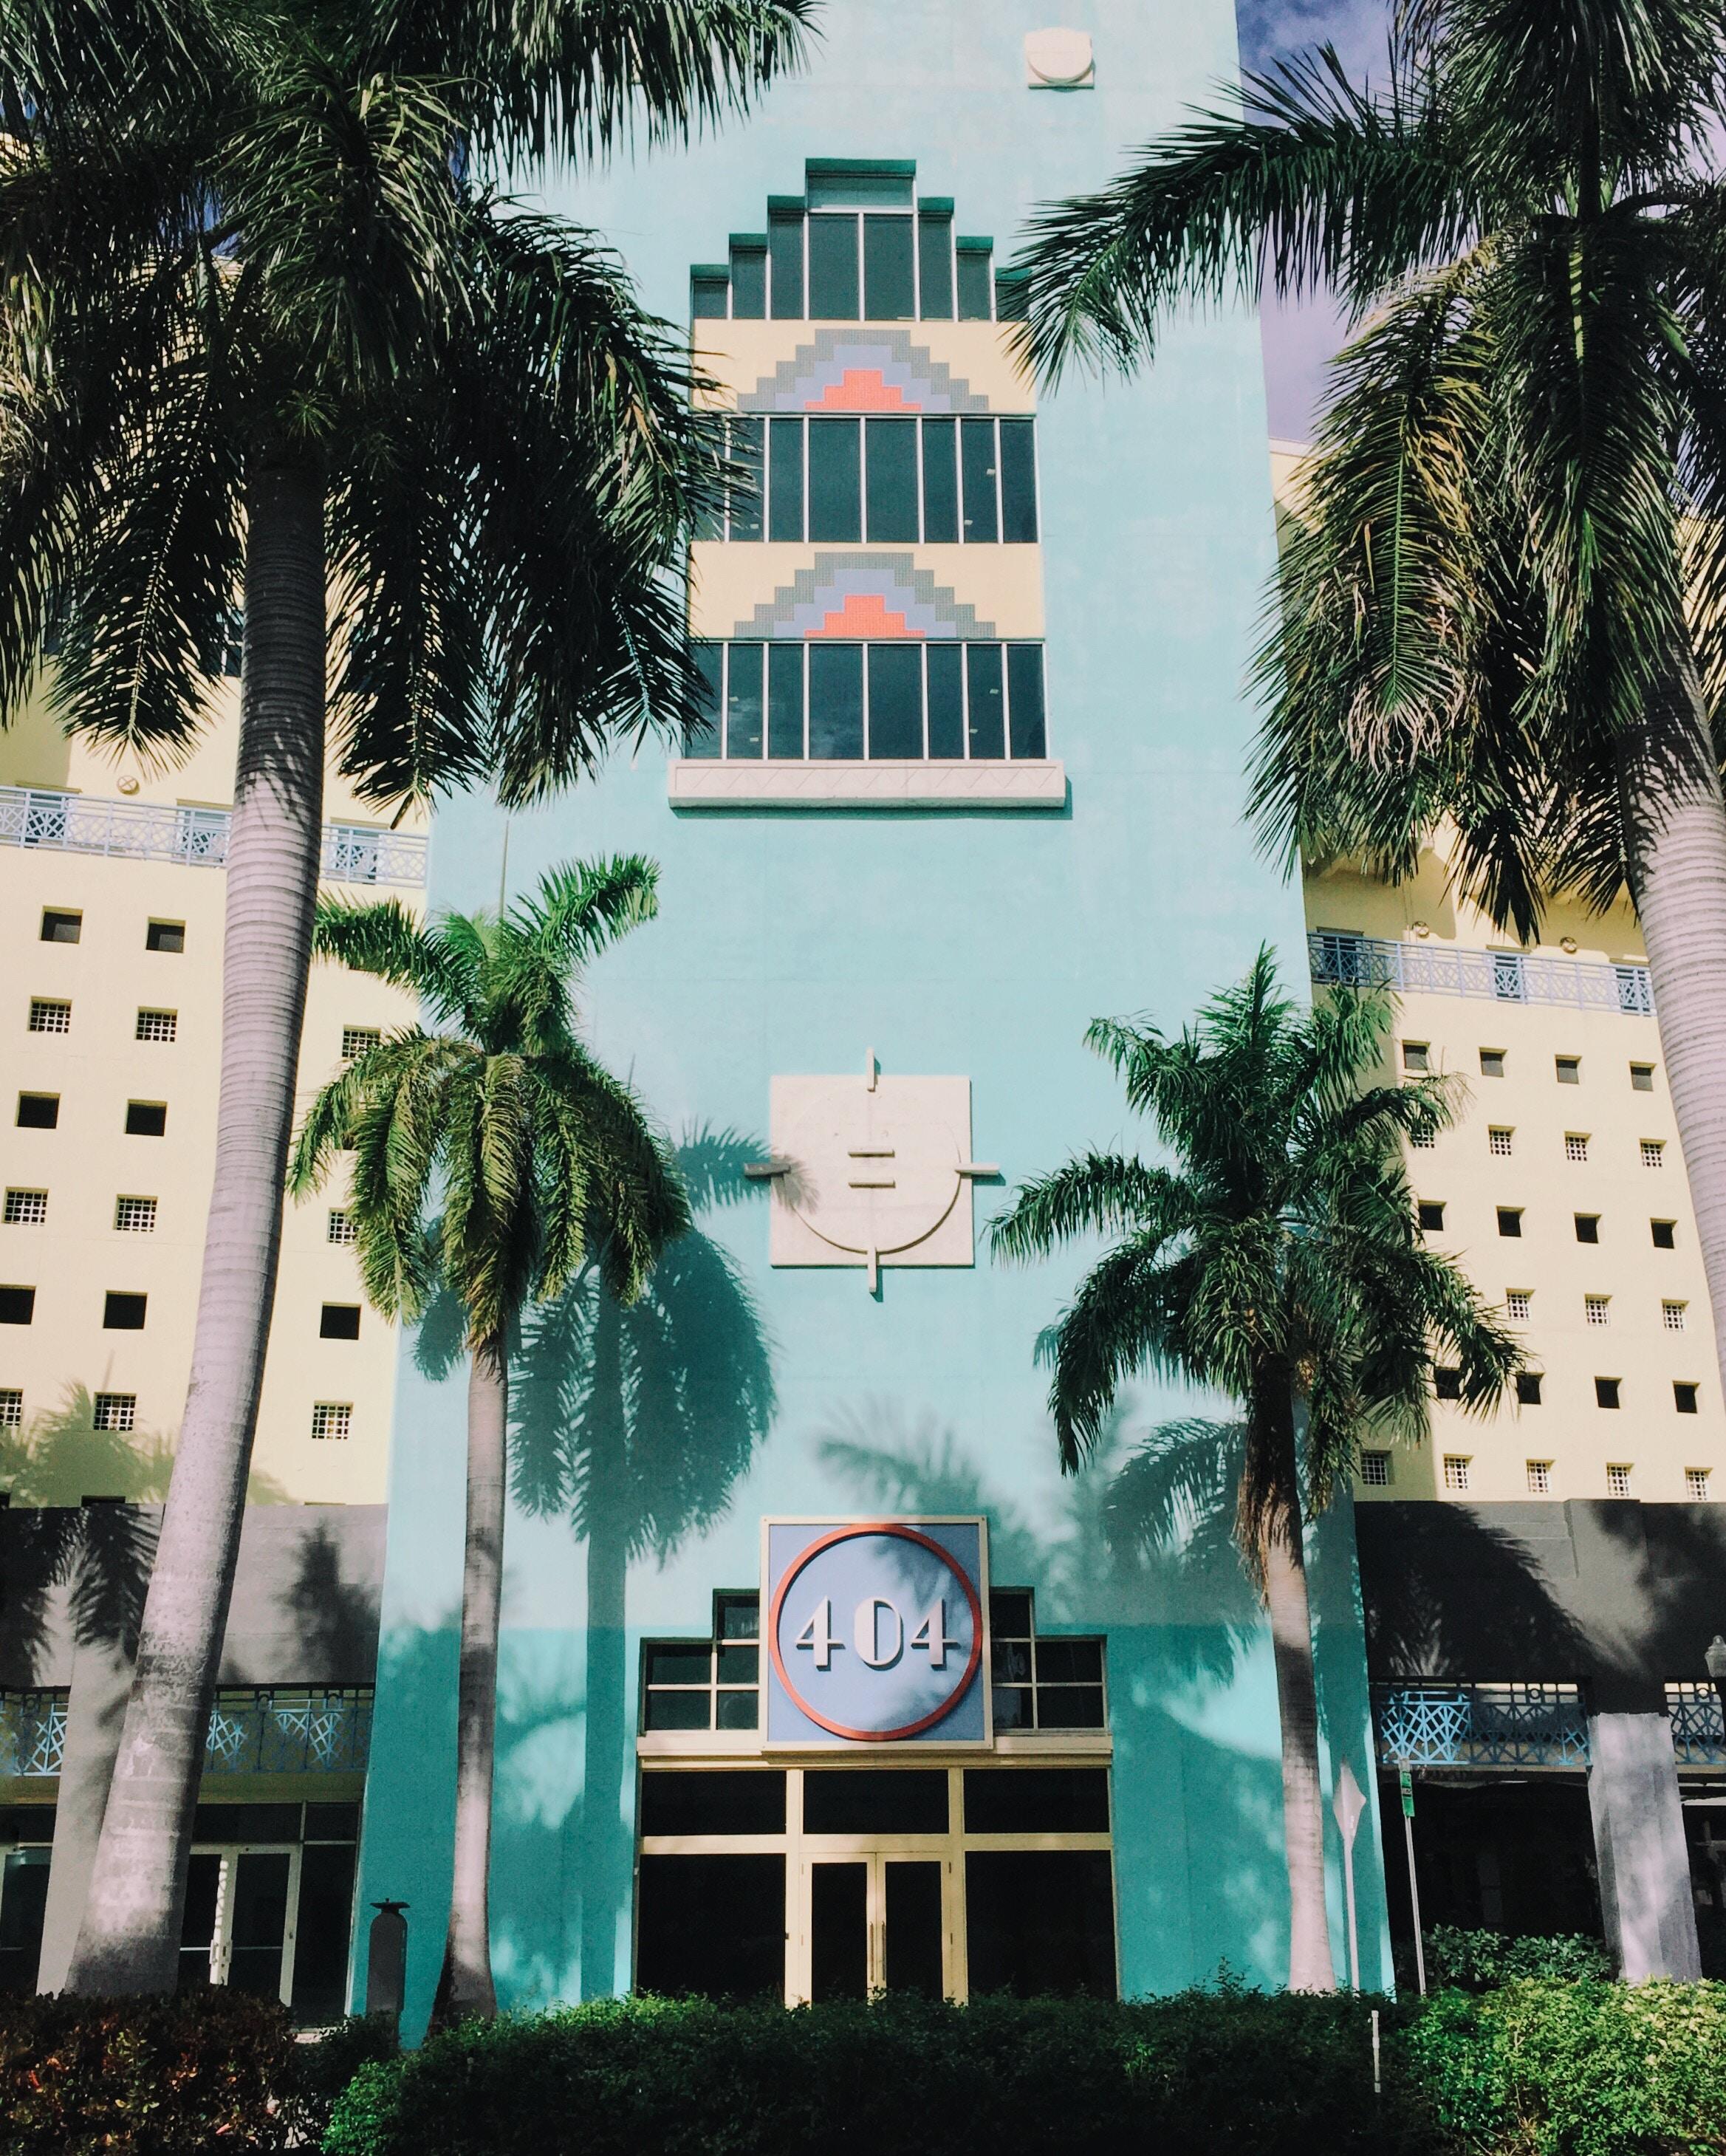 Miami Art Deco architecture